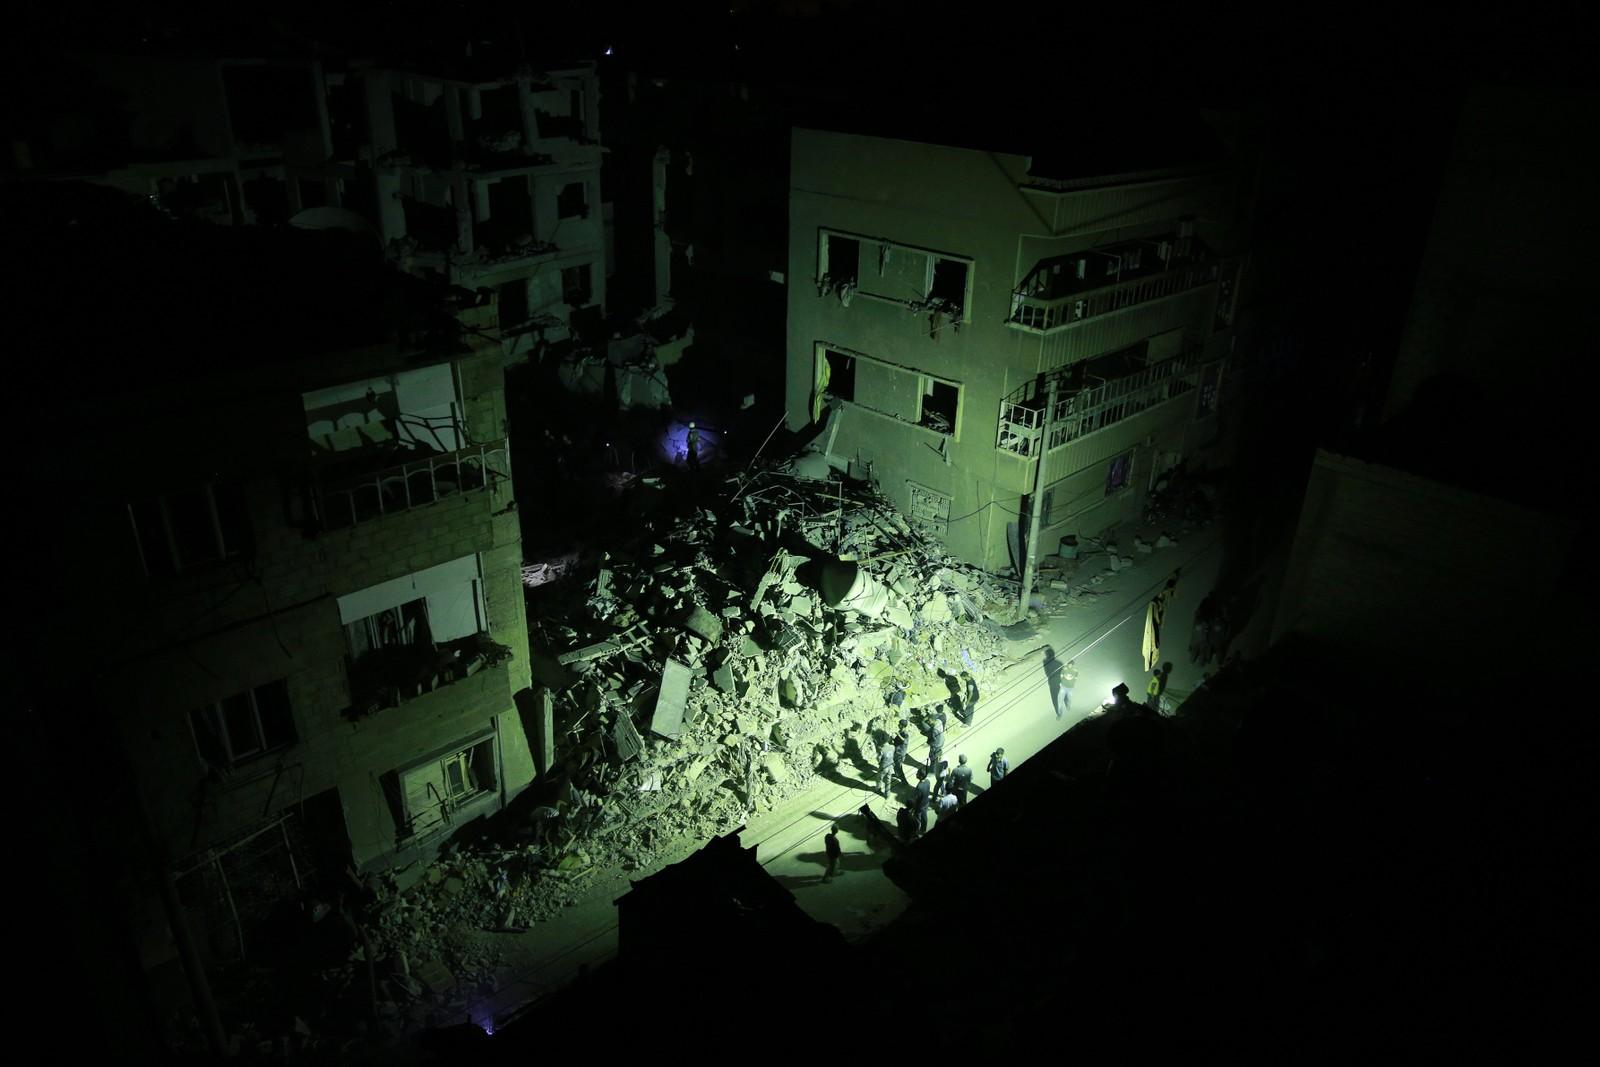 Syriske redningsarbeidere kjempet mot klokka etter et flyangrep i den syriske byen Douma. En bygning kollapset etter angrepet mot byen som i lang tid har vært kontrollert av opprørerne i landet. Minst 100 mennesker skal ha blitt drept, og angrepet, som er av de blodigste denne krigen har sett, ble møtt med fordømmelse.